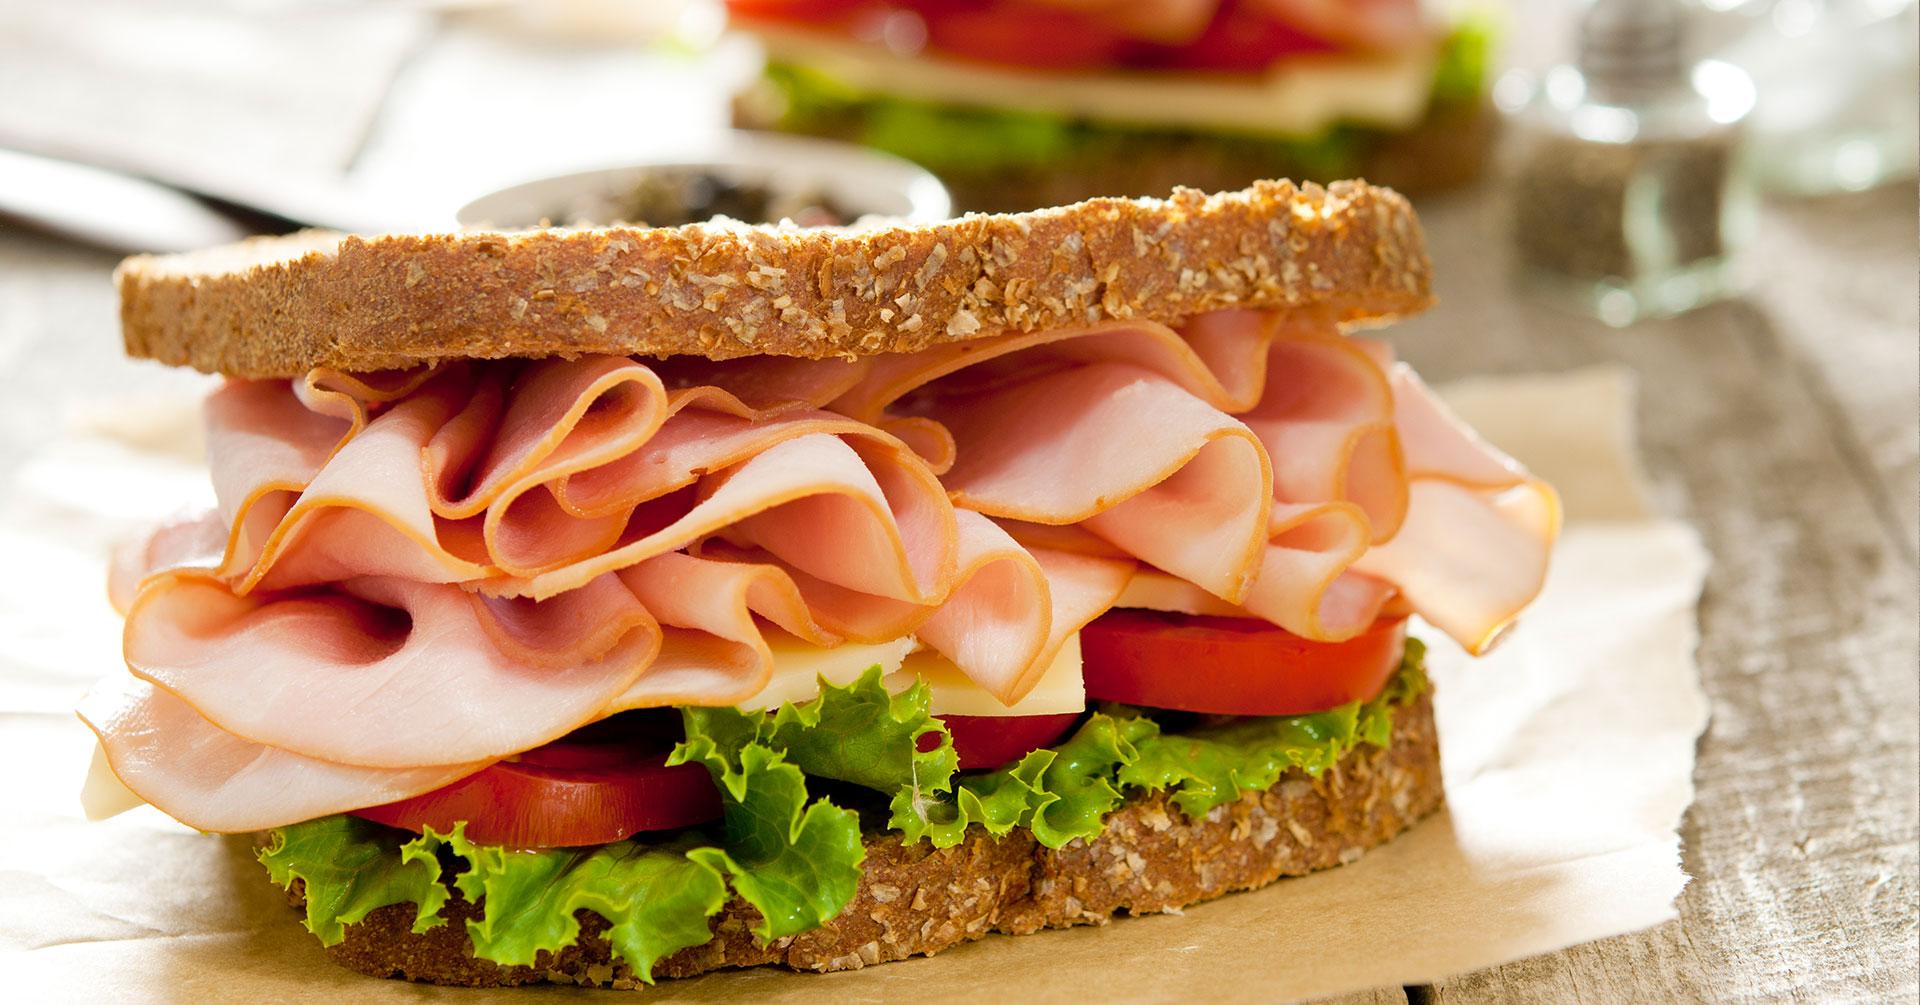 Sándwich de avena y jamón de pavo